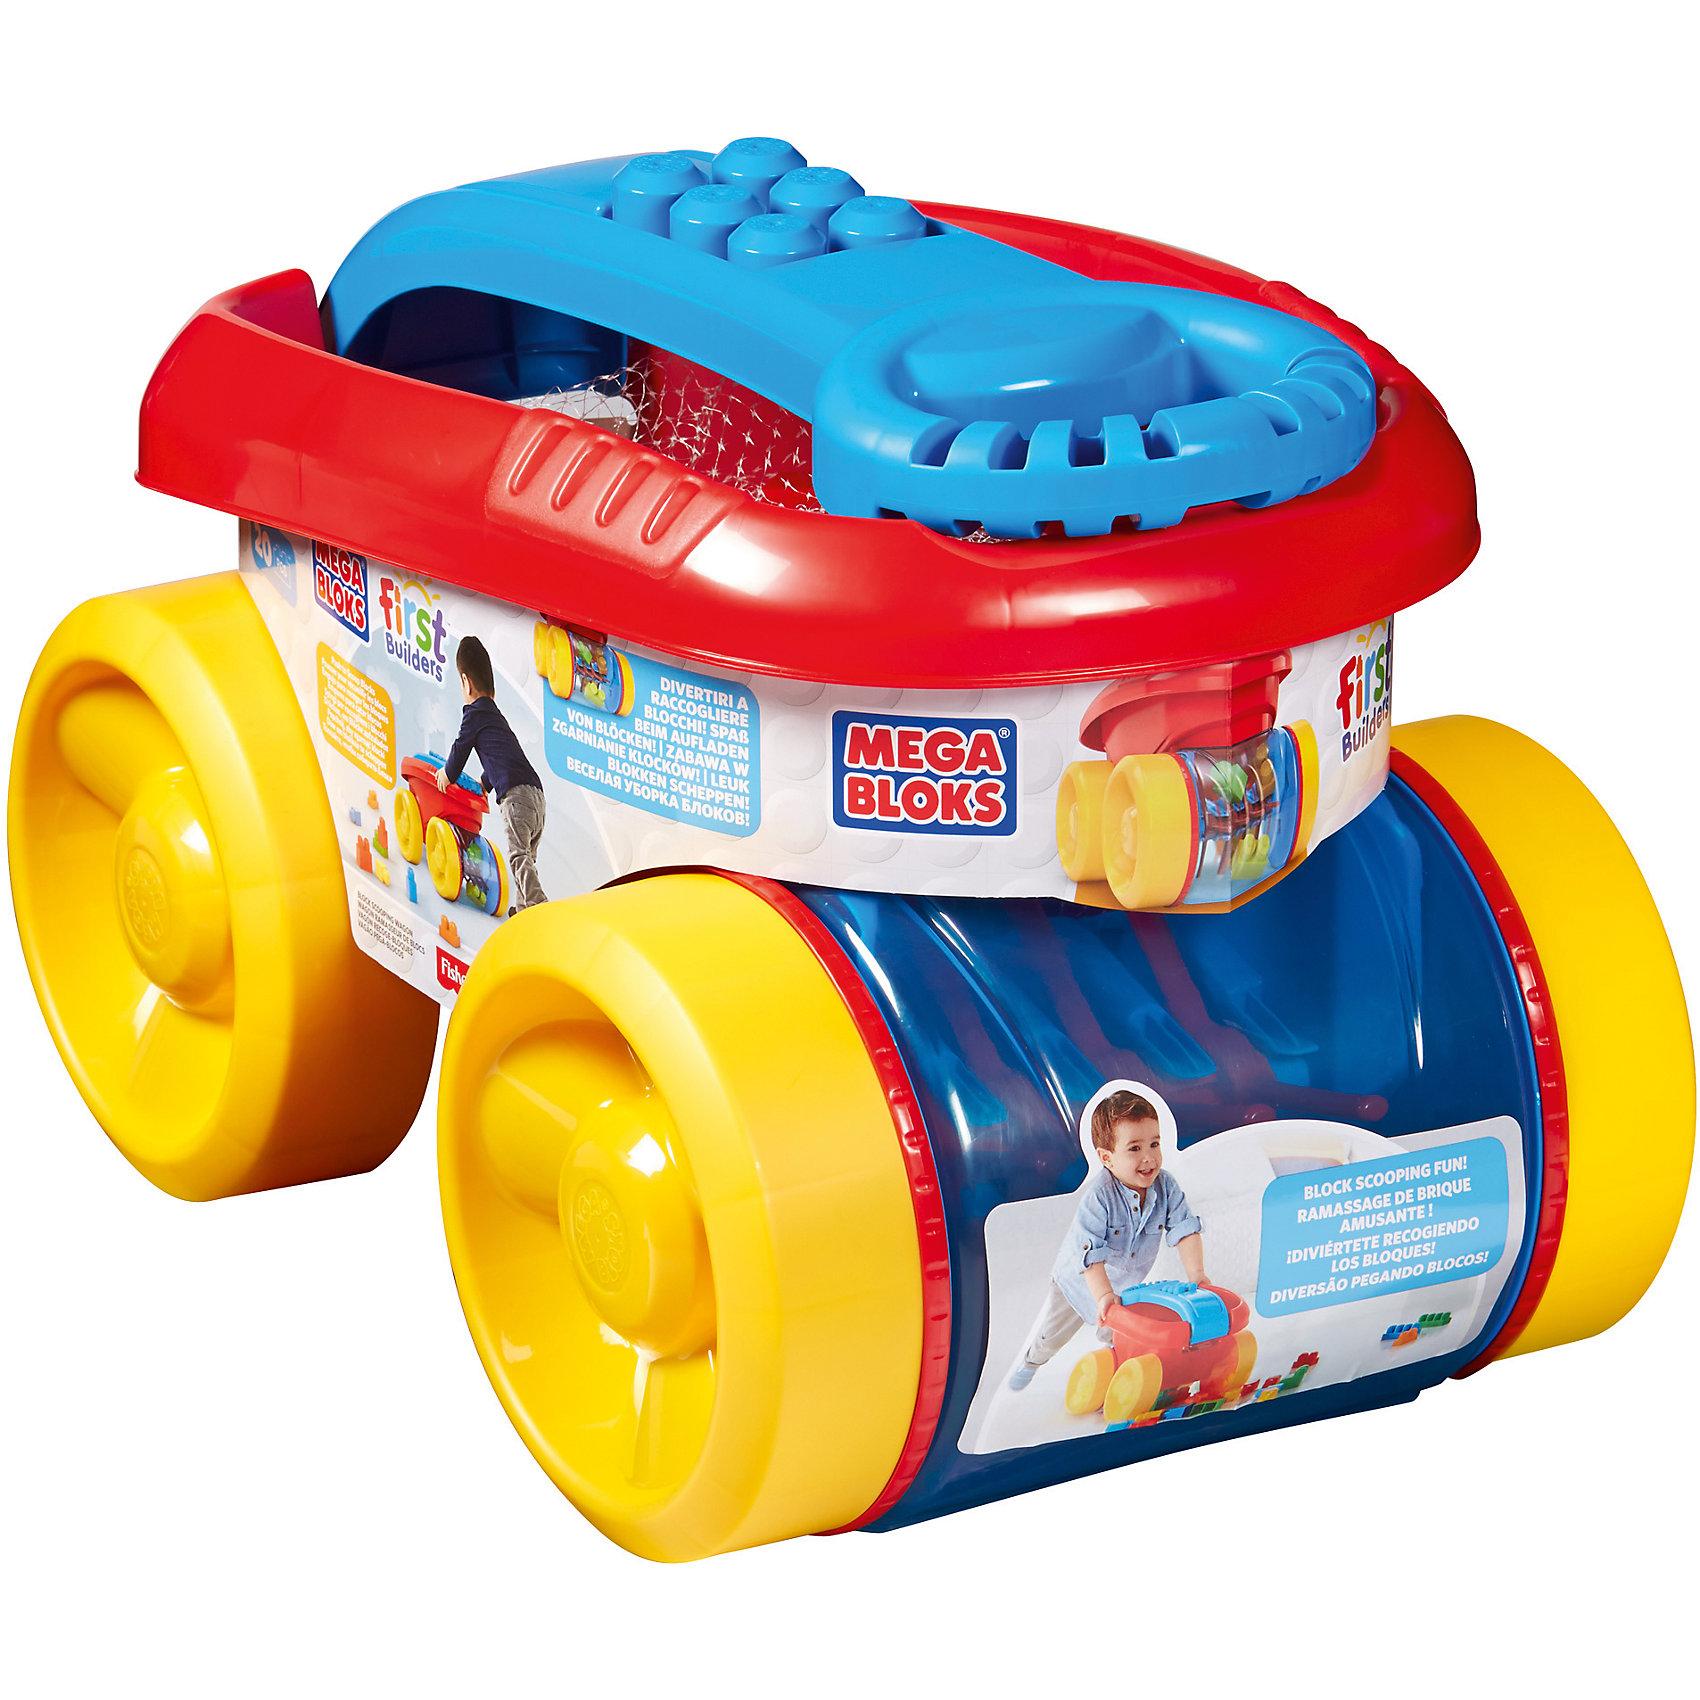 Тележка для деталей MEGA BLOKS First BuildersТележка для деталей MEGA BLOKS First Builders - отличный подарок ребенку. Это красочная игрушка, которая обязательно понравится малышу. Она подойдет для игр и хранения деталей и аксессуаров из серии конструкторов Mega Bloks. Игрушка имеет внушительные размеры, вместительный кузов и большие широкие колеса, которые позволяют легко катать ее по любой поверхности. Тележка вмещает двадцать разноцветных блоков конструктора, входящих в комплект. Игрушка оснащена удобной для ребенка складной эргономичной ручкой. Специальный отсек  тележки сам собирает разбросанные по полу детали. Ребенку достаточно толкать перед собой игрушку, и блоки сами будут заскакивать внутрь и забавно крутиться в прозрачном отсеке.<br>Такие игрушки помогают развить мелкую моторику, логическое мышление и воображение ребенка. Эта игрушка выполнена из высококачественного прочного пластика, безопасного для детей.<br>  <br>Дополнительная информация:<br><br>цвет: разноцветный;<br>материал: пластик;<br>комплектация: тележка, 20 блоков First Builders;<br>вес: 2 кг;<br>размер упаковки: 28,5 x 44 x 30,5 см.<br><br>Тележку для деталей MEGA BLOKS First Builders от компании Mattel можно купить в нашем магазине.<br><br>Ширина мм: 456<br>Глубина мм: 309<br>Высота мм: 312<br>Вес г: 1944<br>Возраст от месяцев: 12<br>Возраст до месяцев: 60<br>Пол: Унисекс<br>Возраст: Детский<br>SKU: 4791147